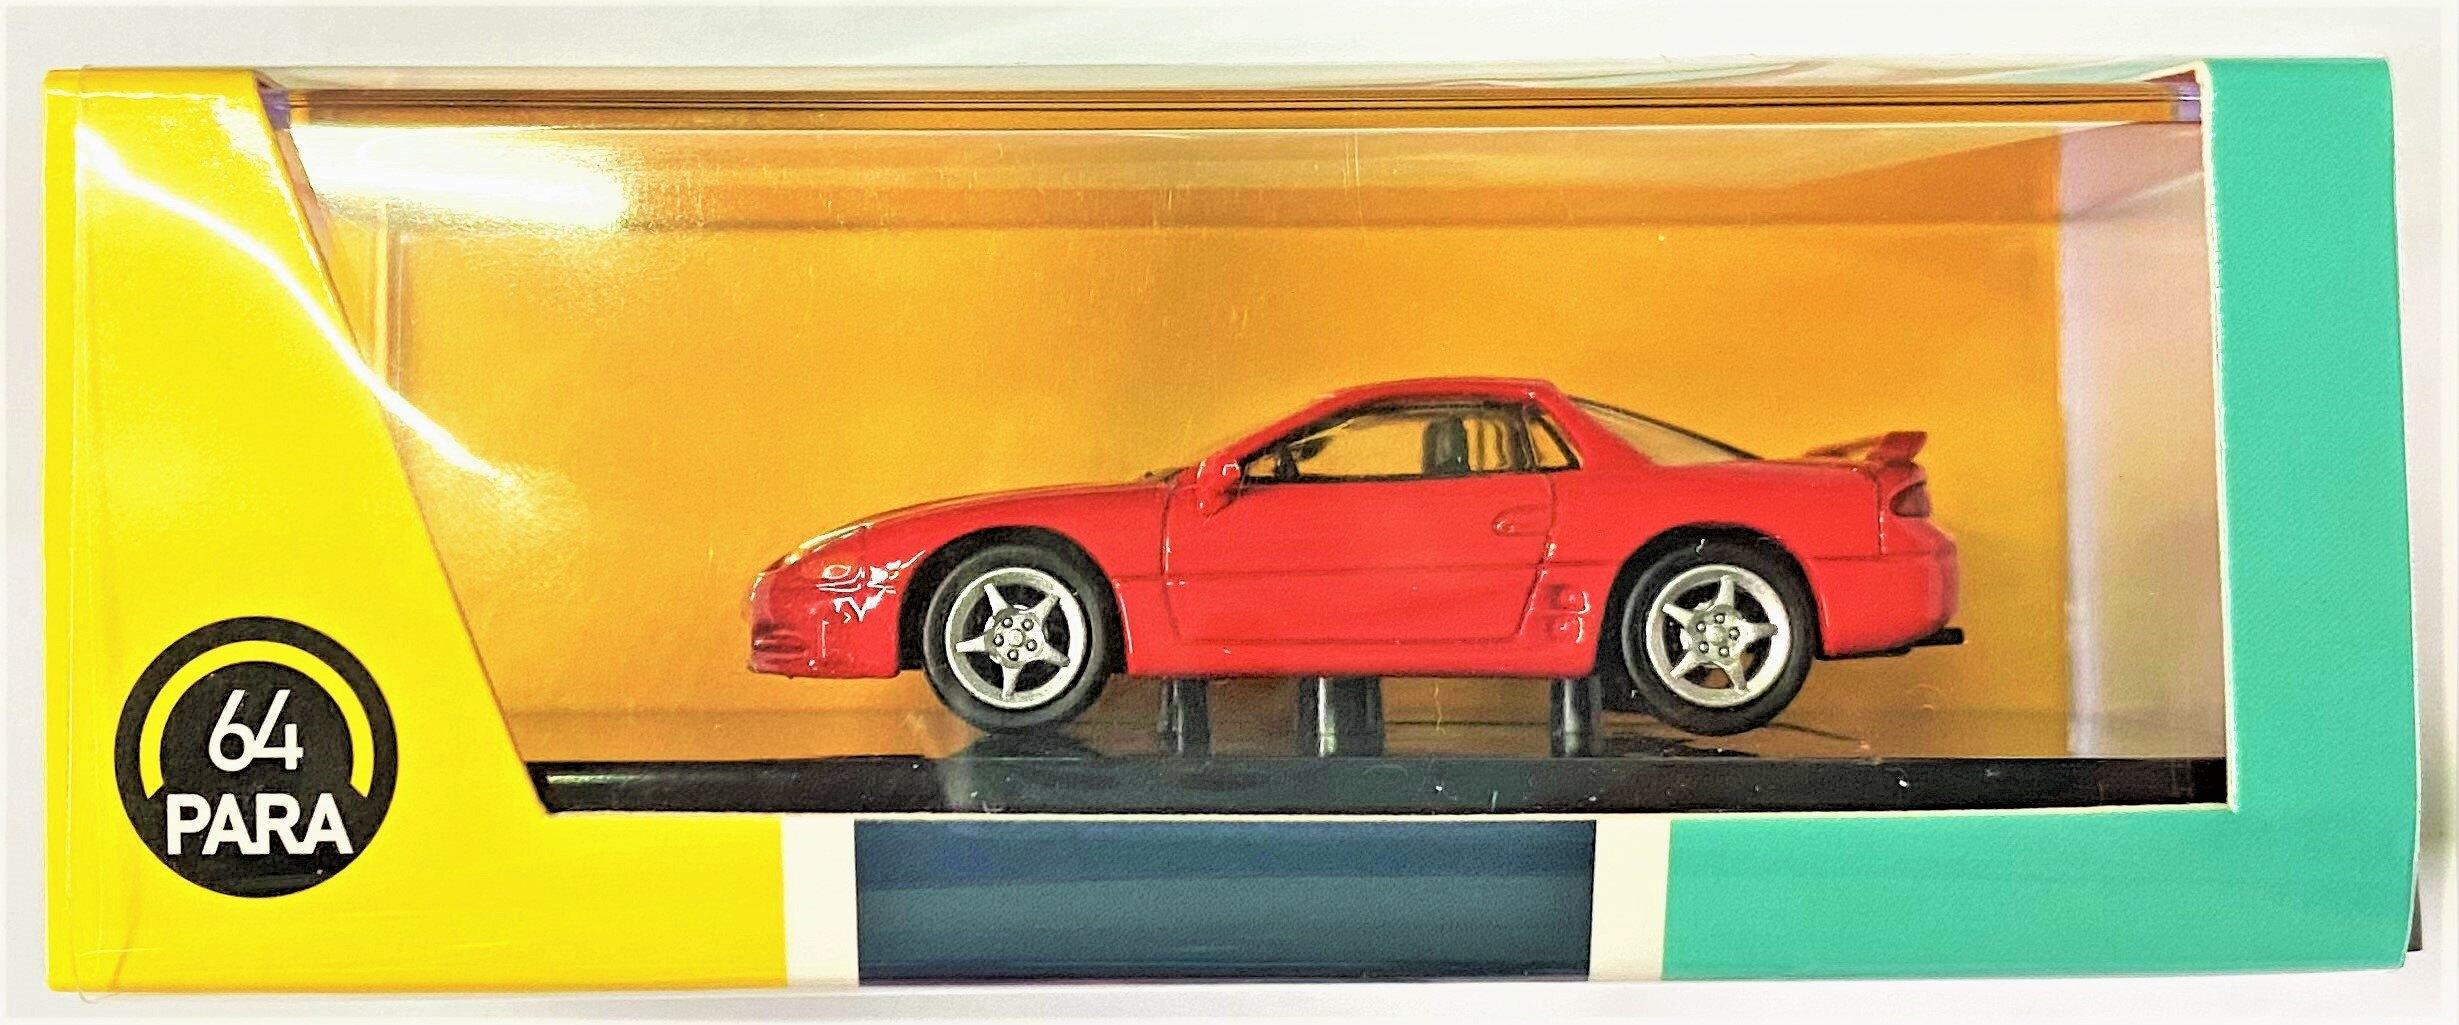 ☆勳寶玩具舖【現貨】PARA64  1/64 三菱 MITSUBISHI  3000GT GTO RED